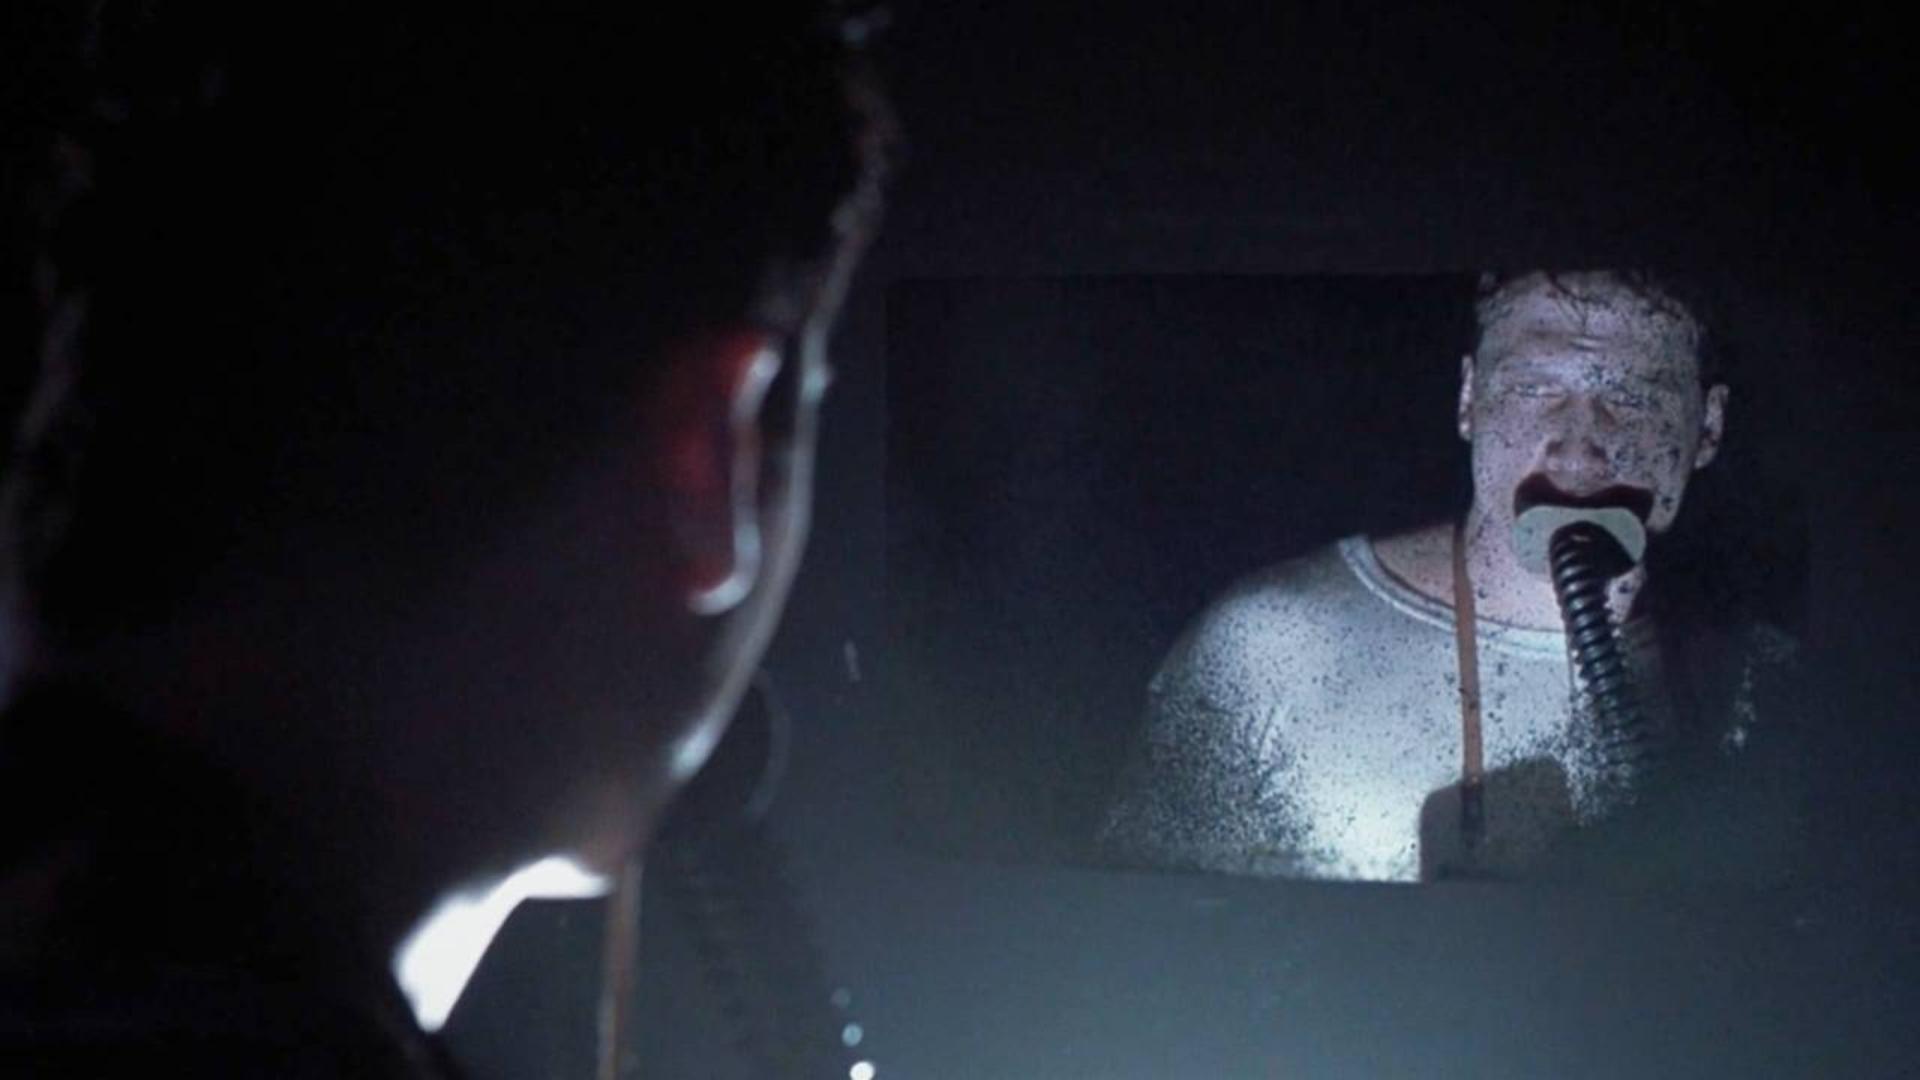 潜艇发生意外,士兵进去救援,却从镜子中看见了奇怪的东西